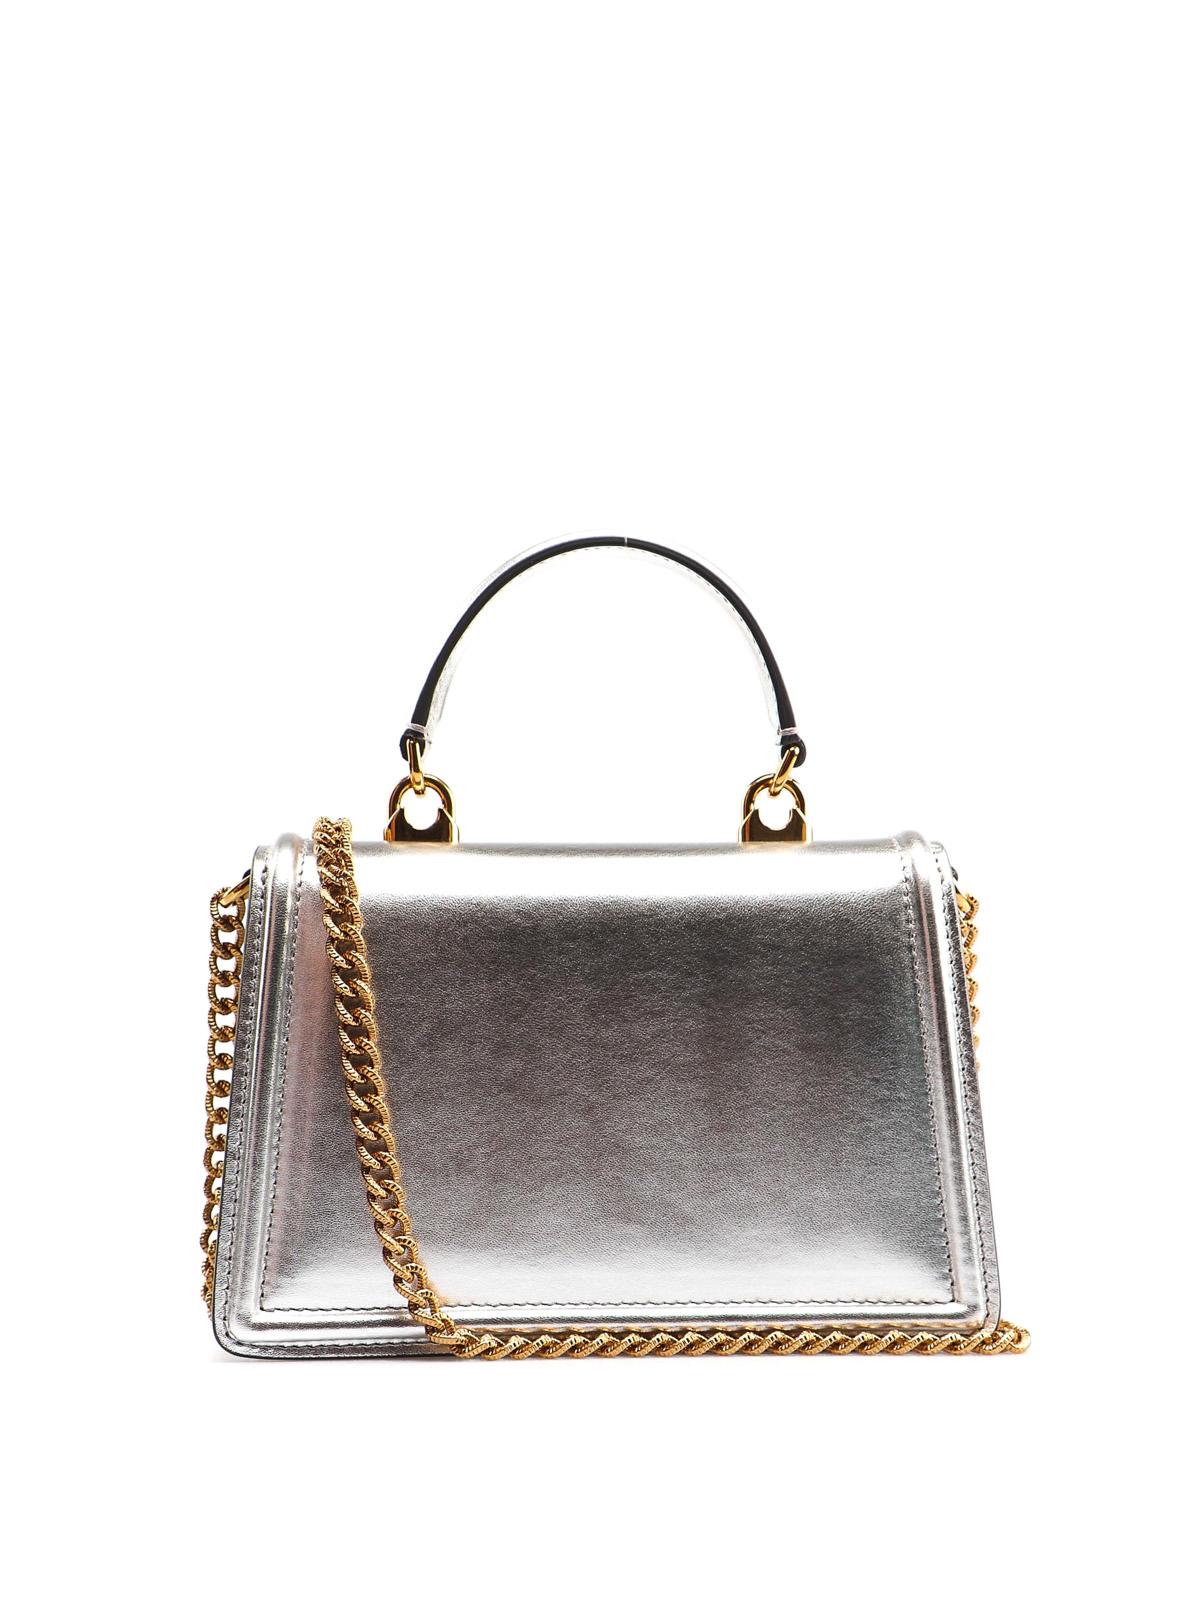 Sac Sacs Devotion Bandoulière S Gabbana Dolceamp; lOTuPZiwkX